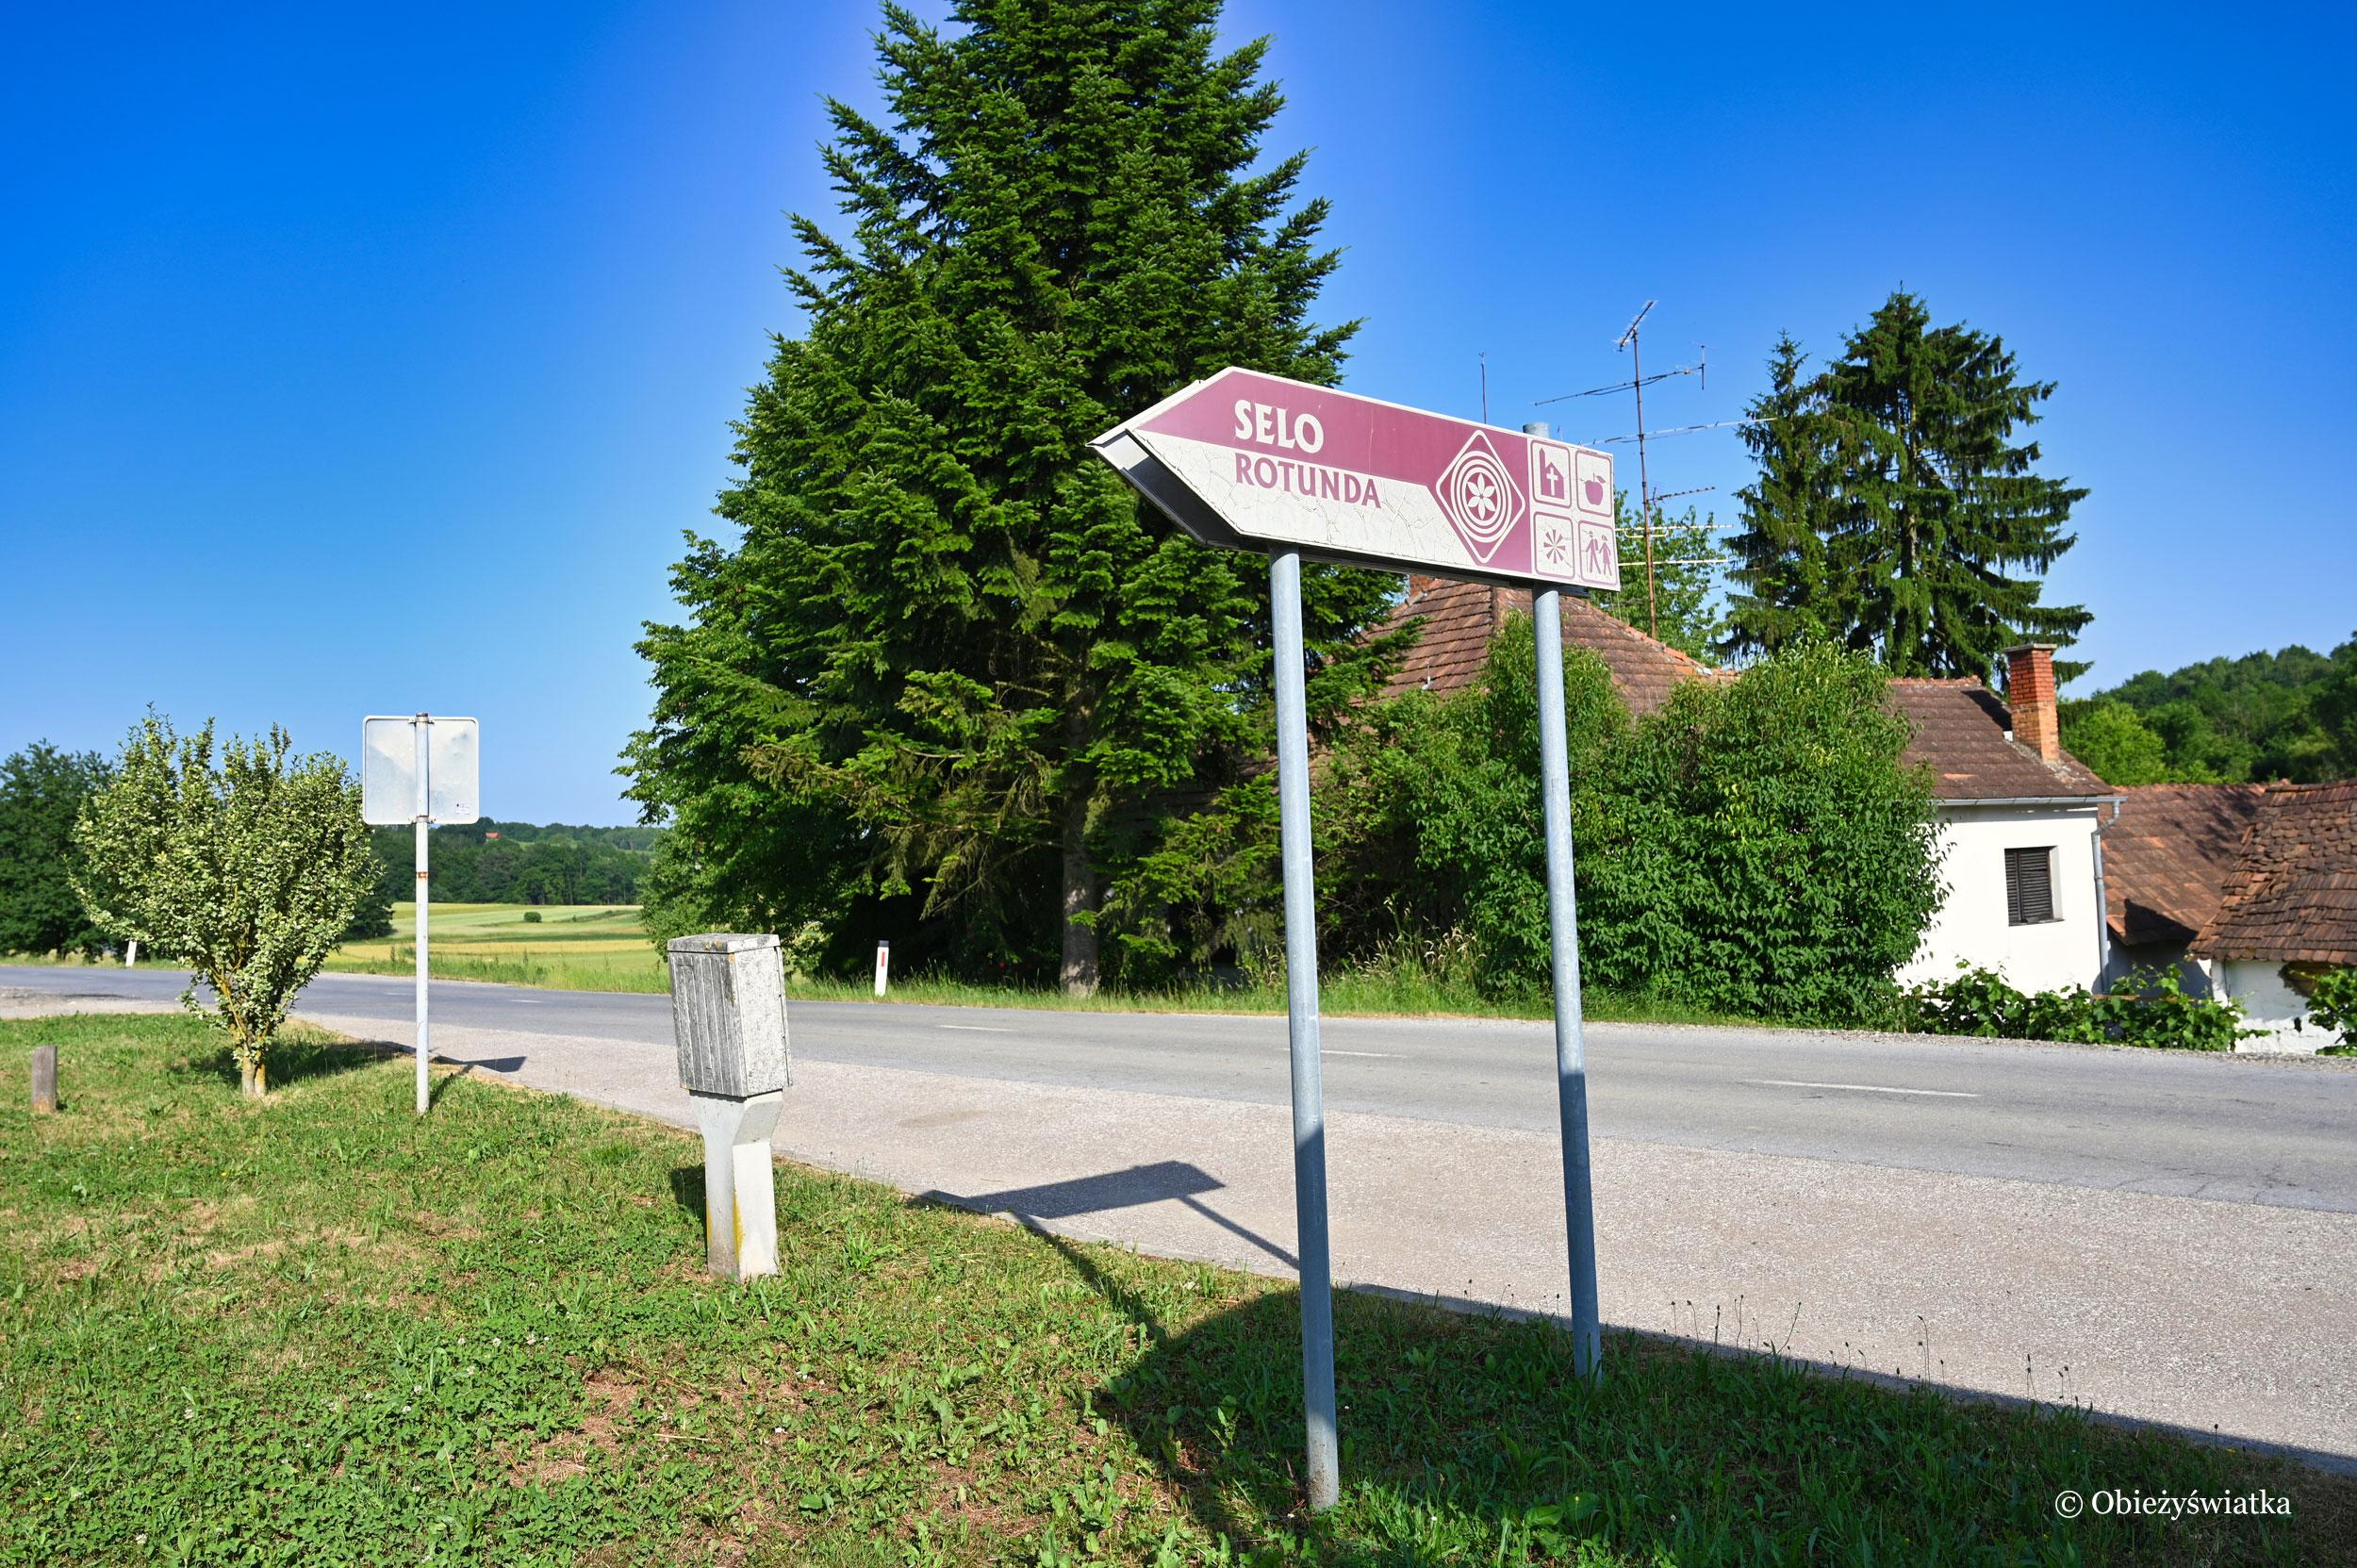 Szyld, Selo, Słowenia